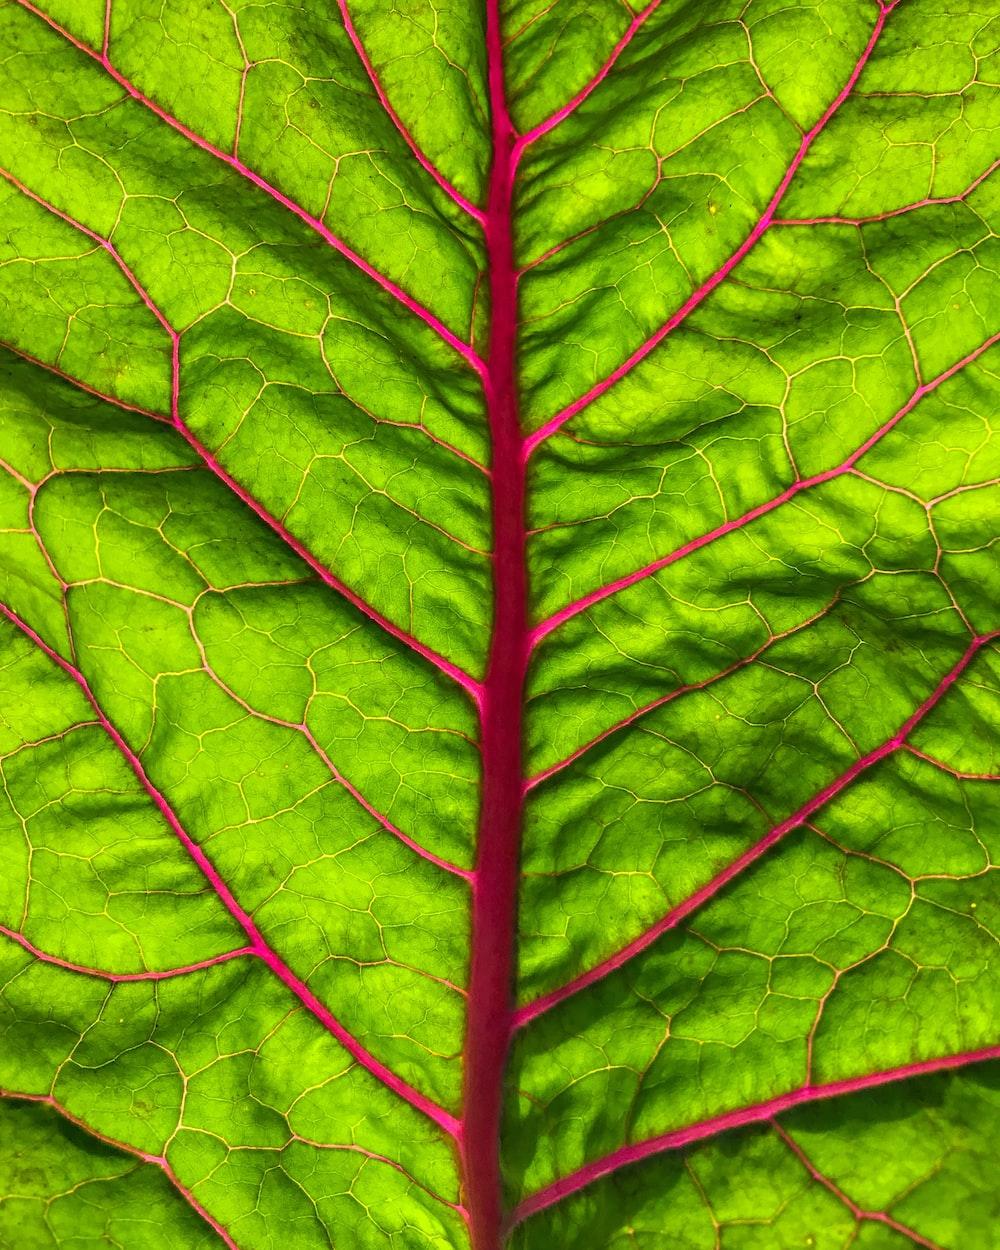 green spinach leaf